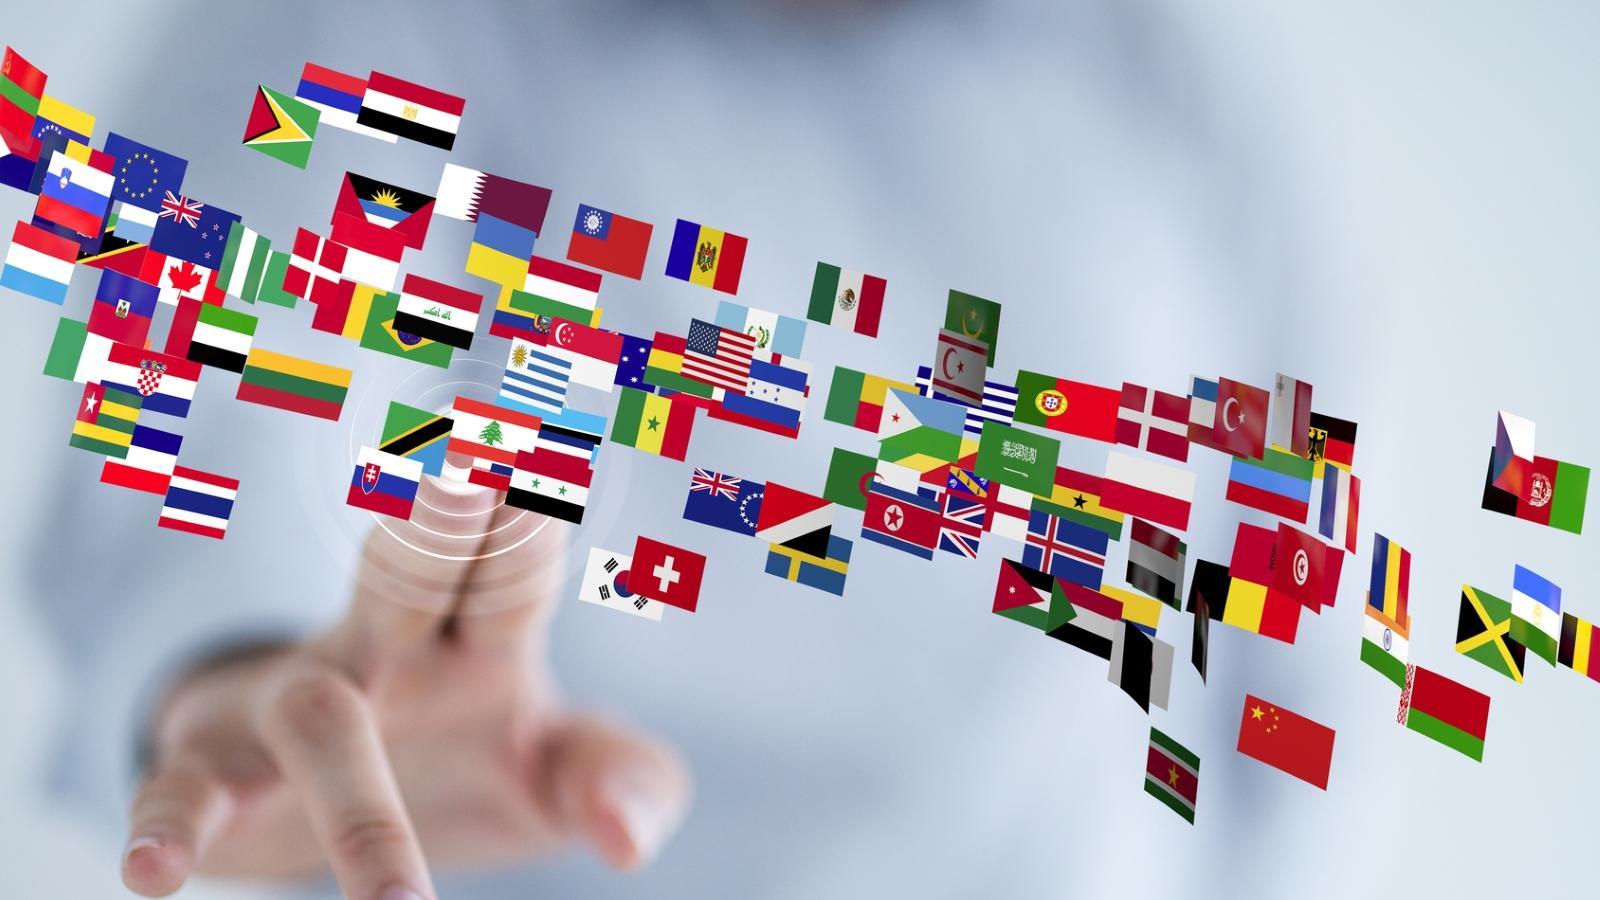 Напоминания о родине мешают изучению иностранных языков